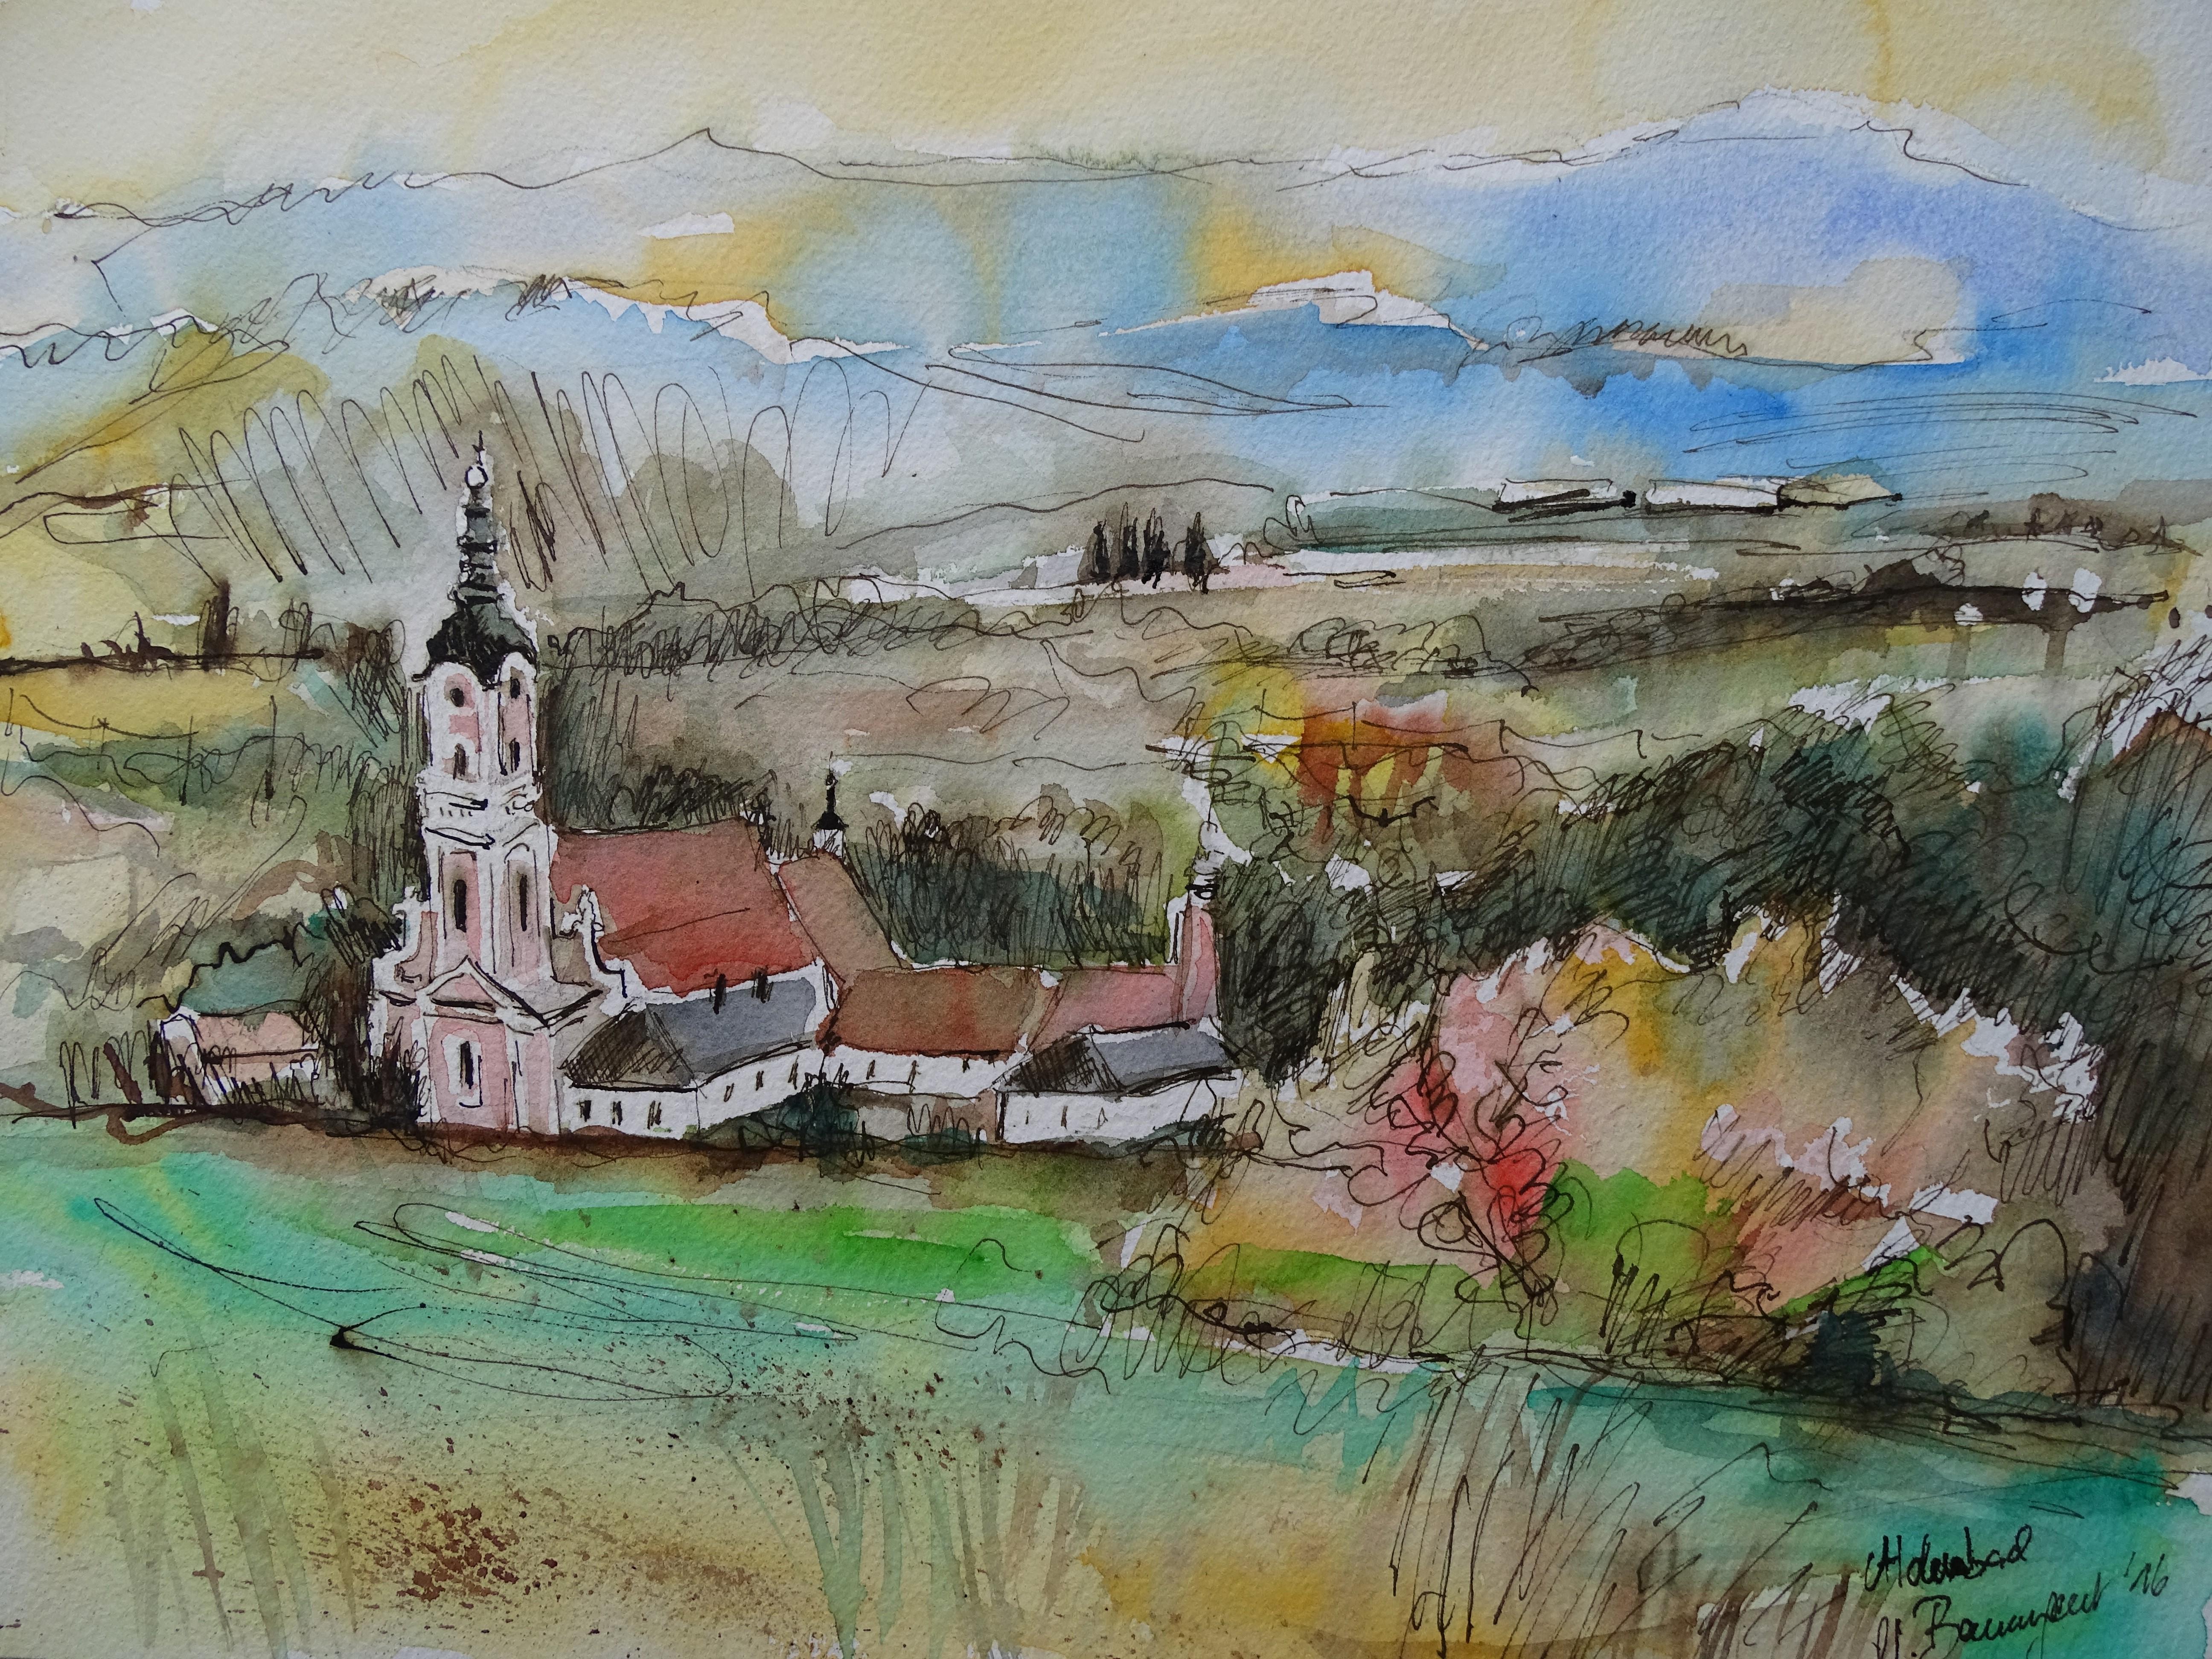 kloster-aldersbach-aquarell-nadia-baumgart